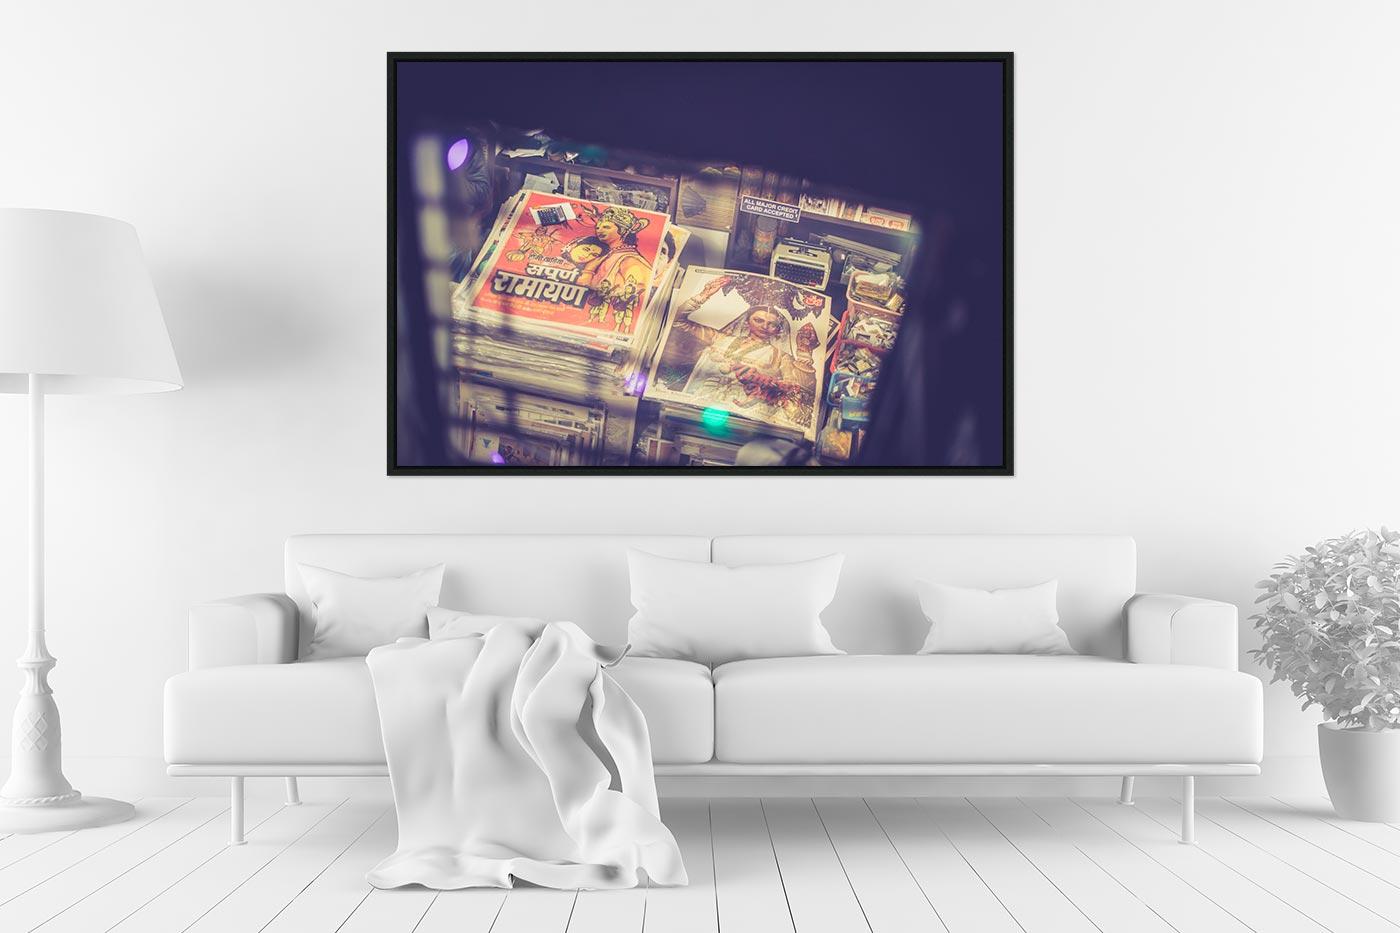 Caisse americaine 80x120 Bollywood